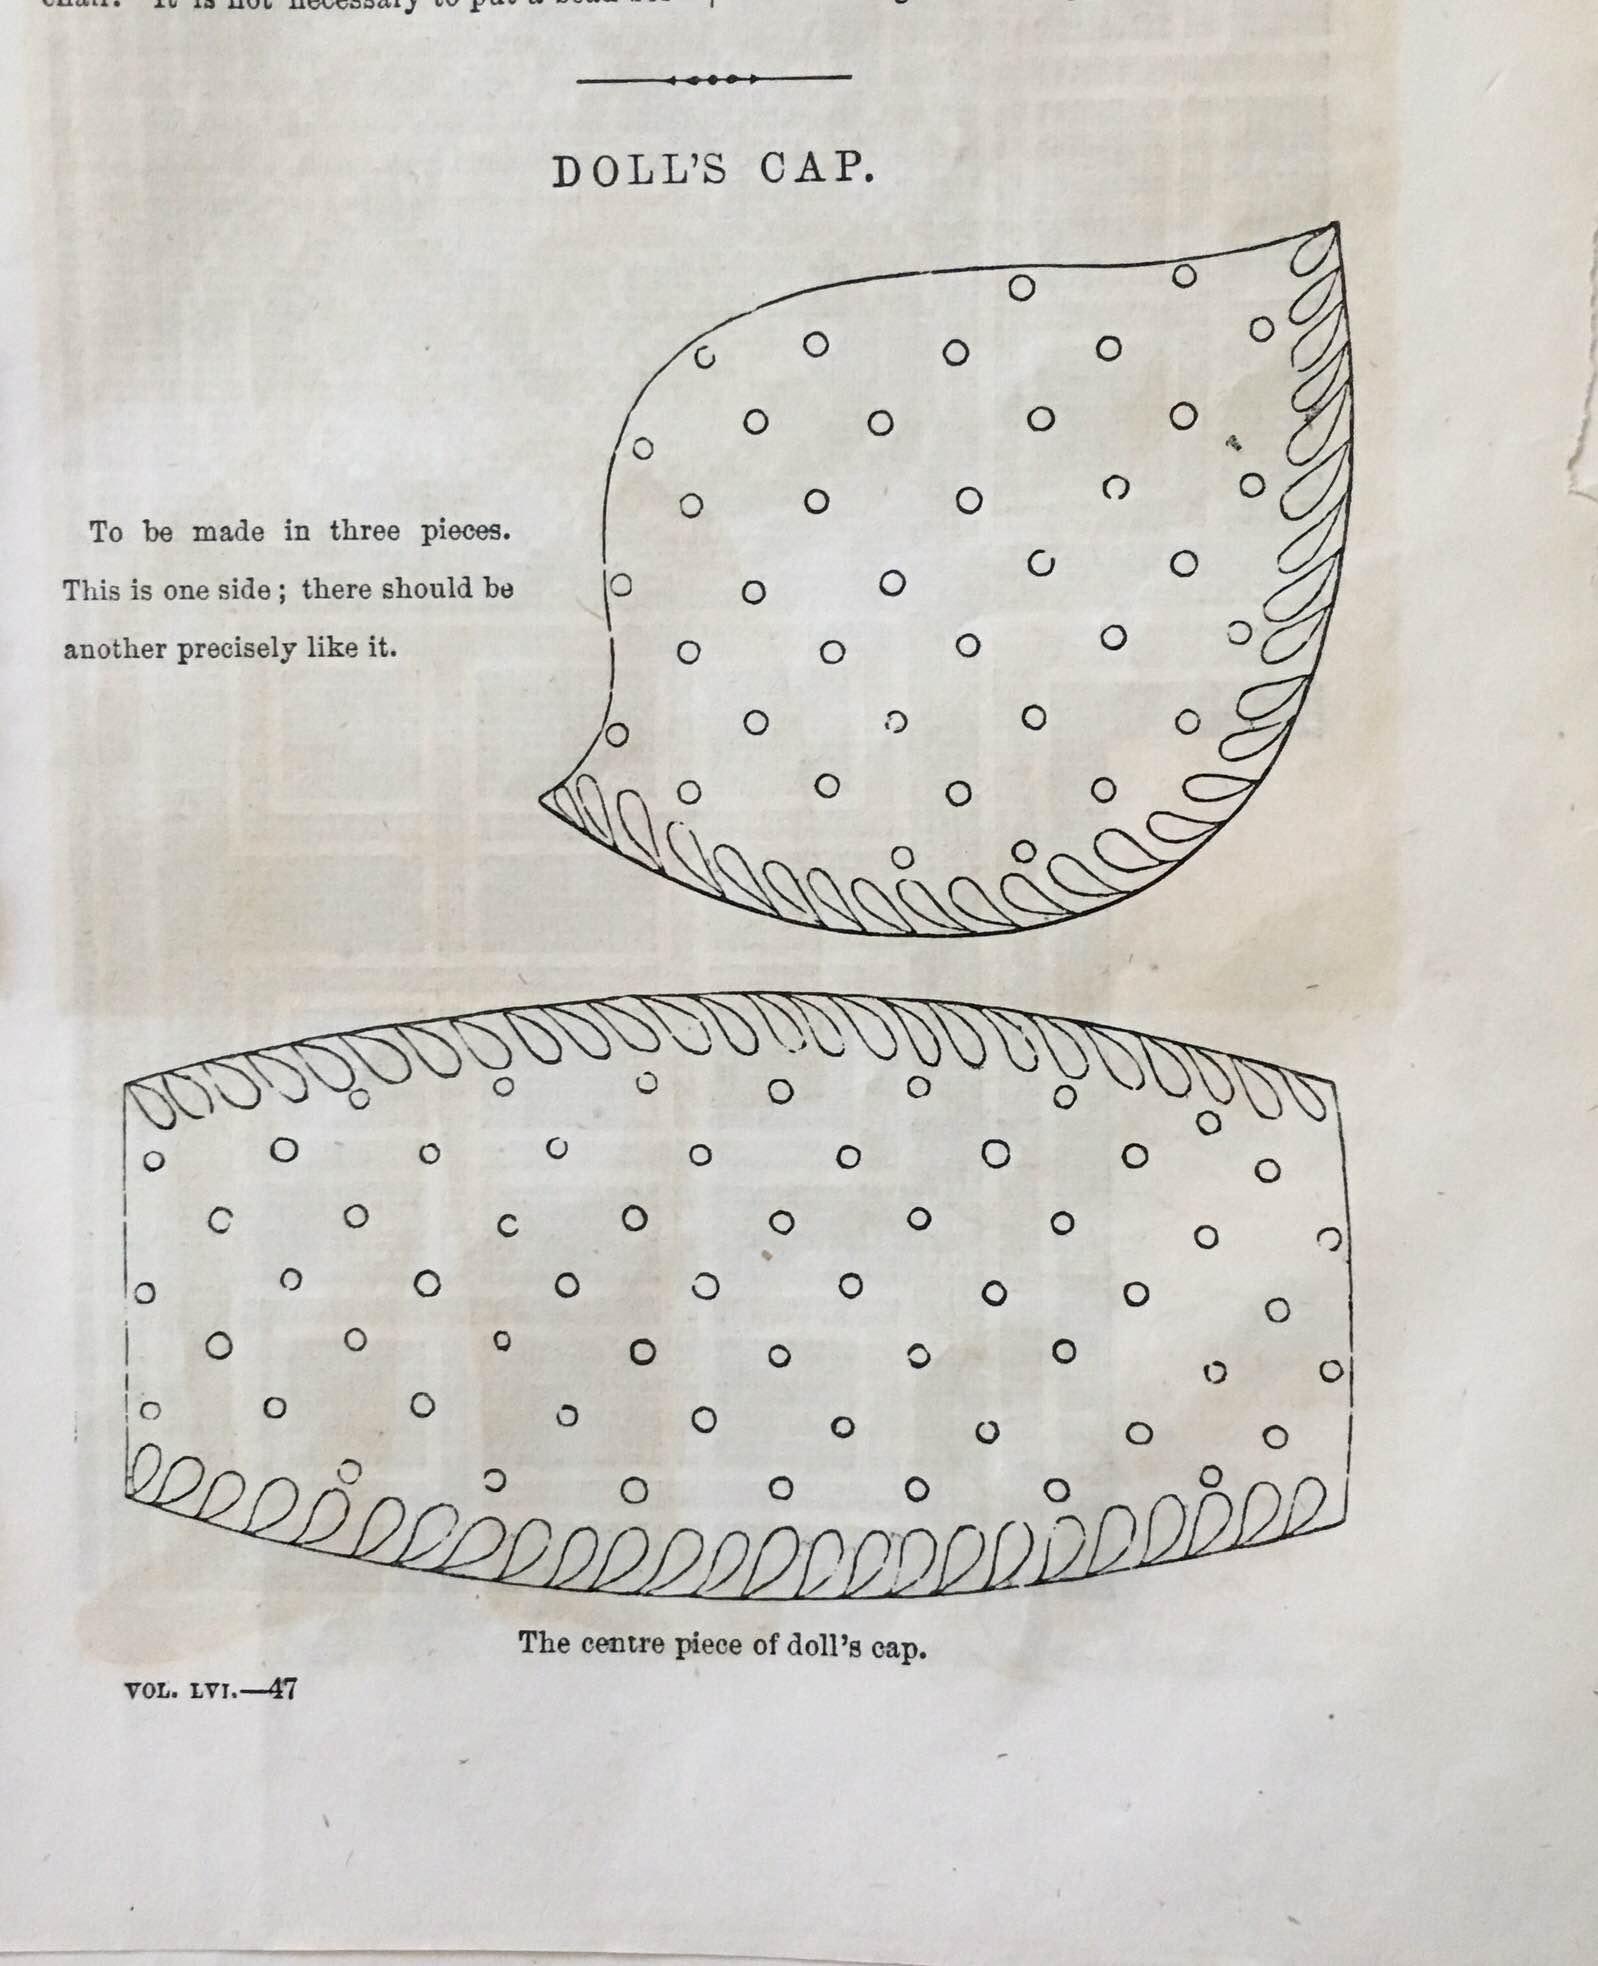 Vintage doll cap pattern.jpg